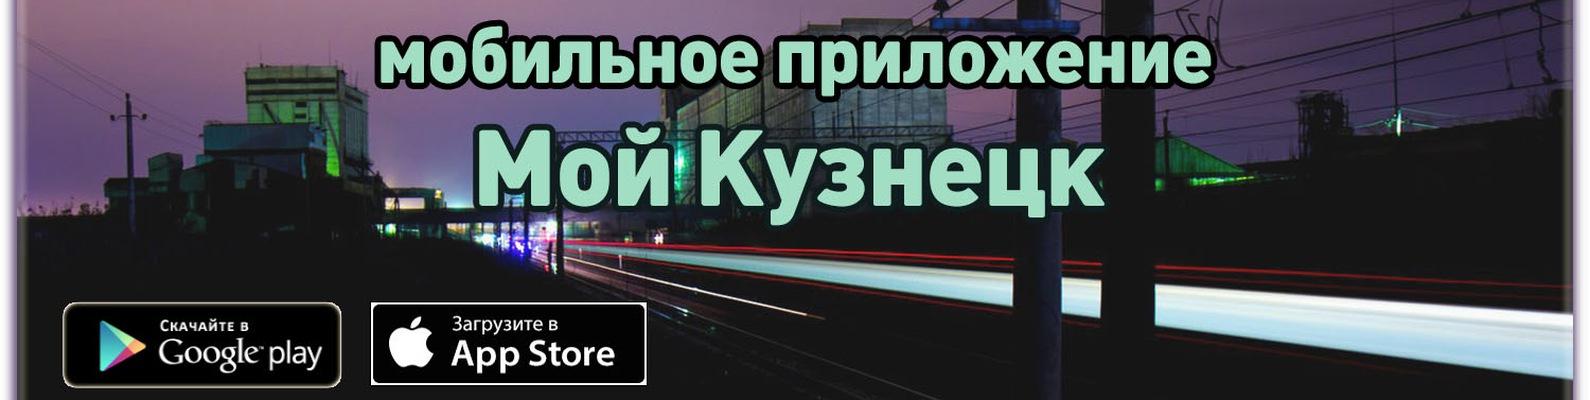 Вулкан играть на телефон Никольск поставить приложение Игровое казино вулкан Астрахань установить